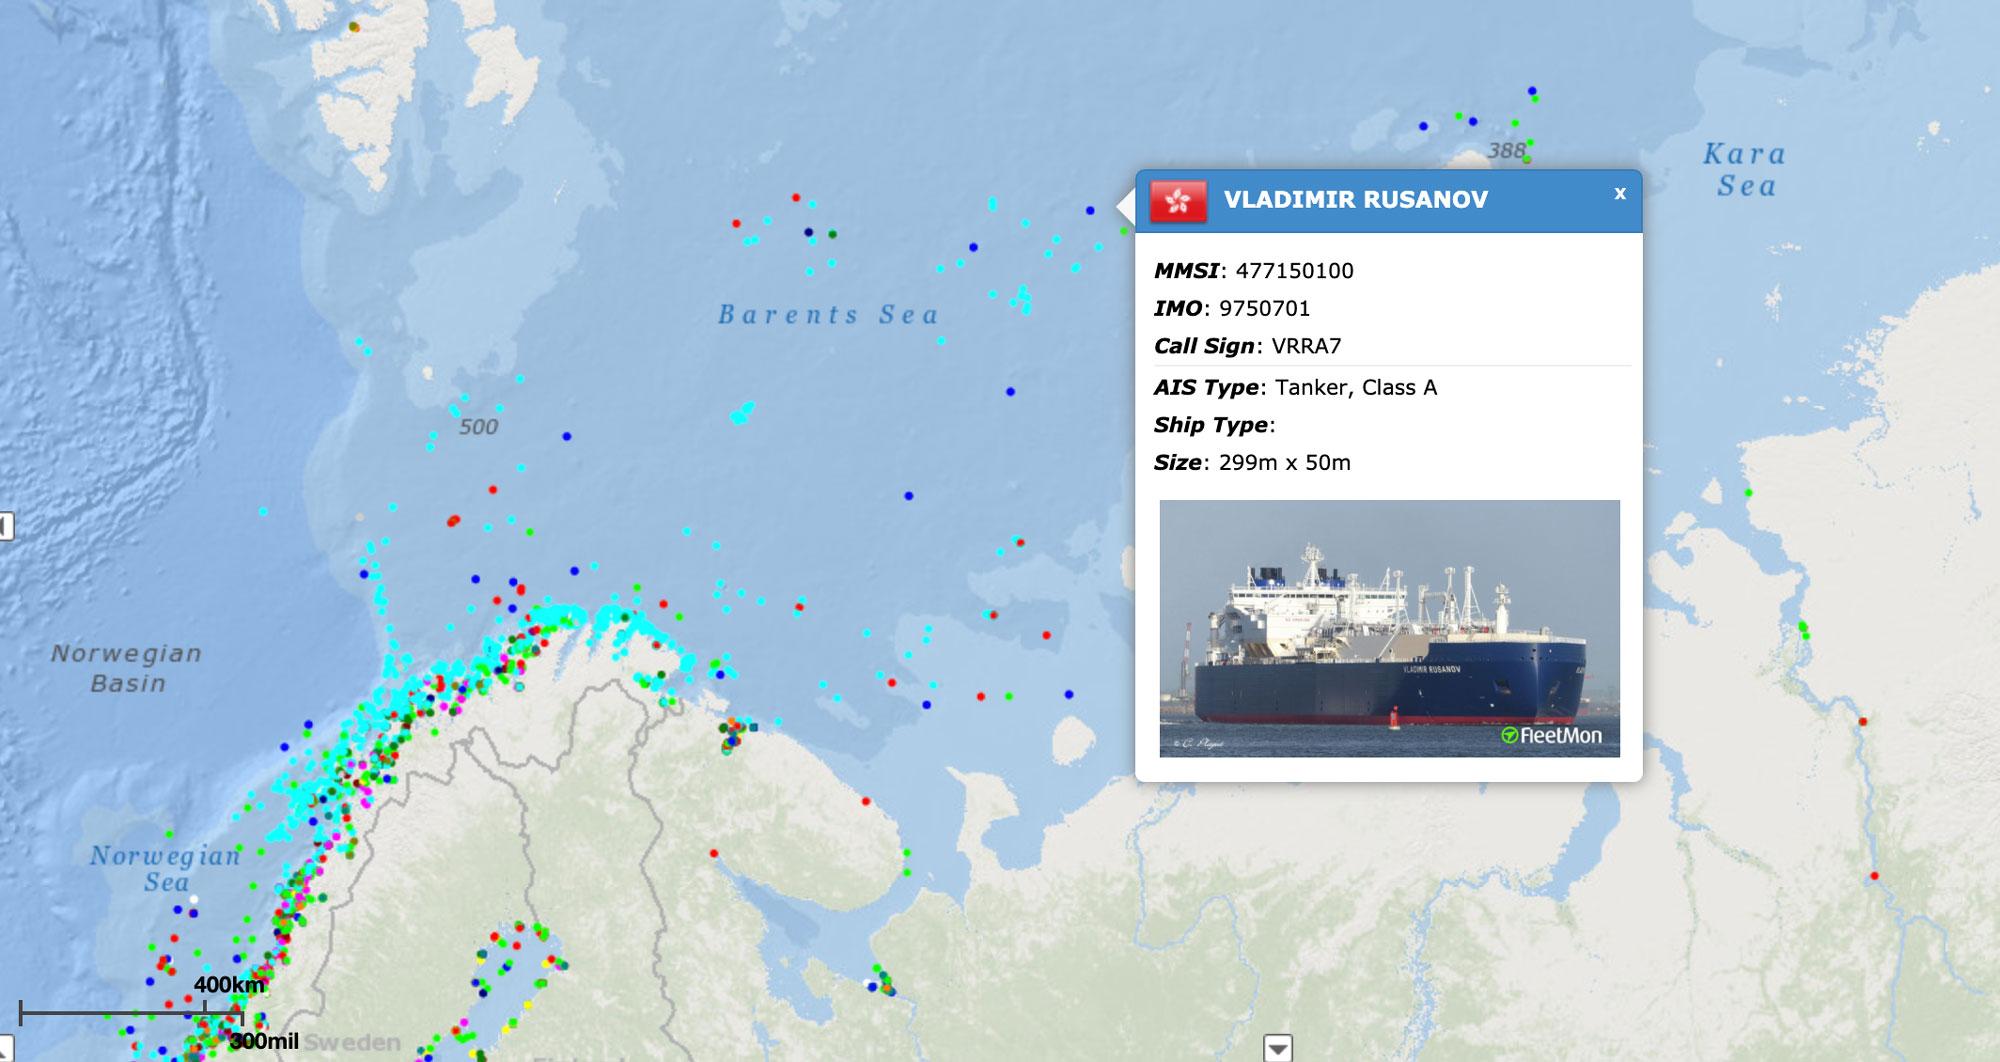 tanker.vladimirrusanov